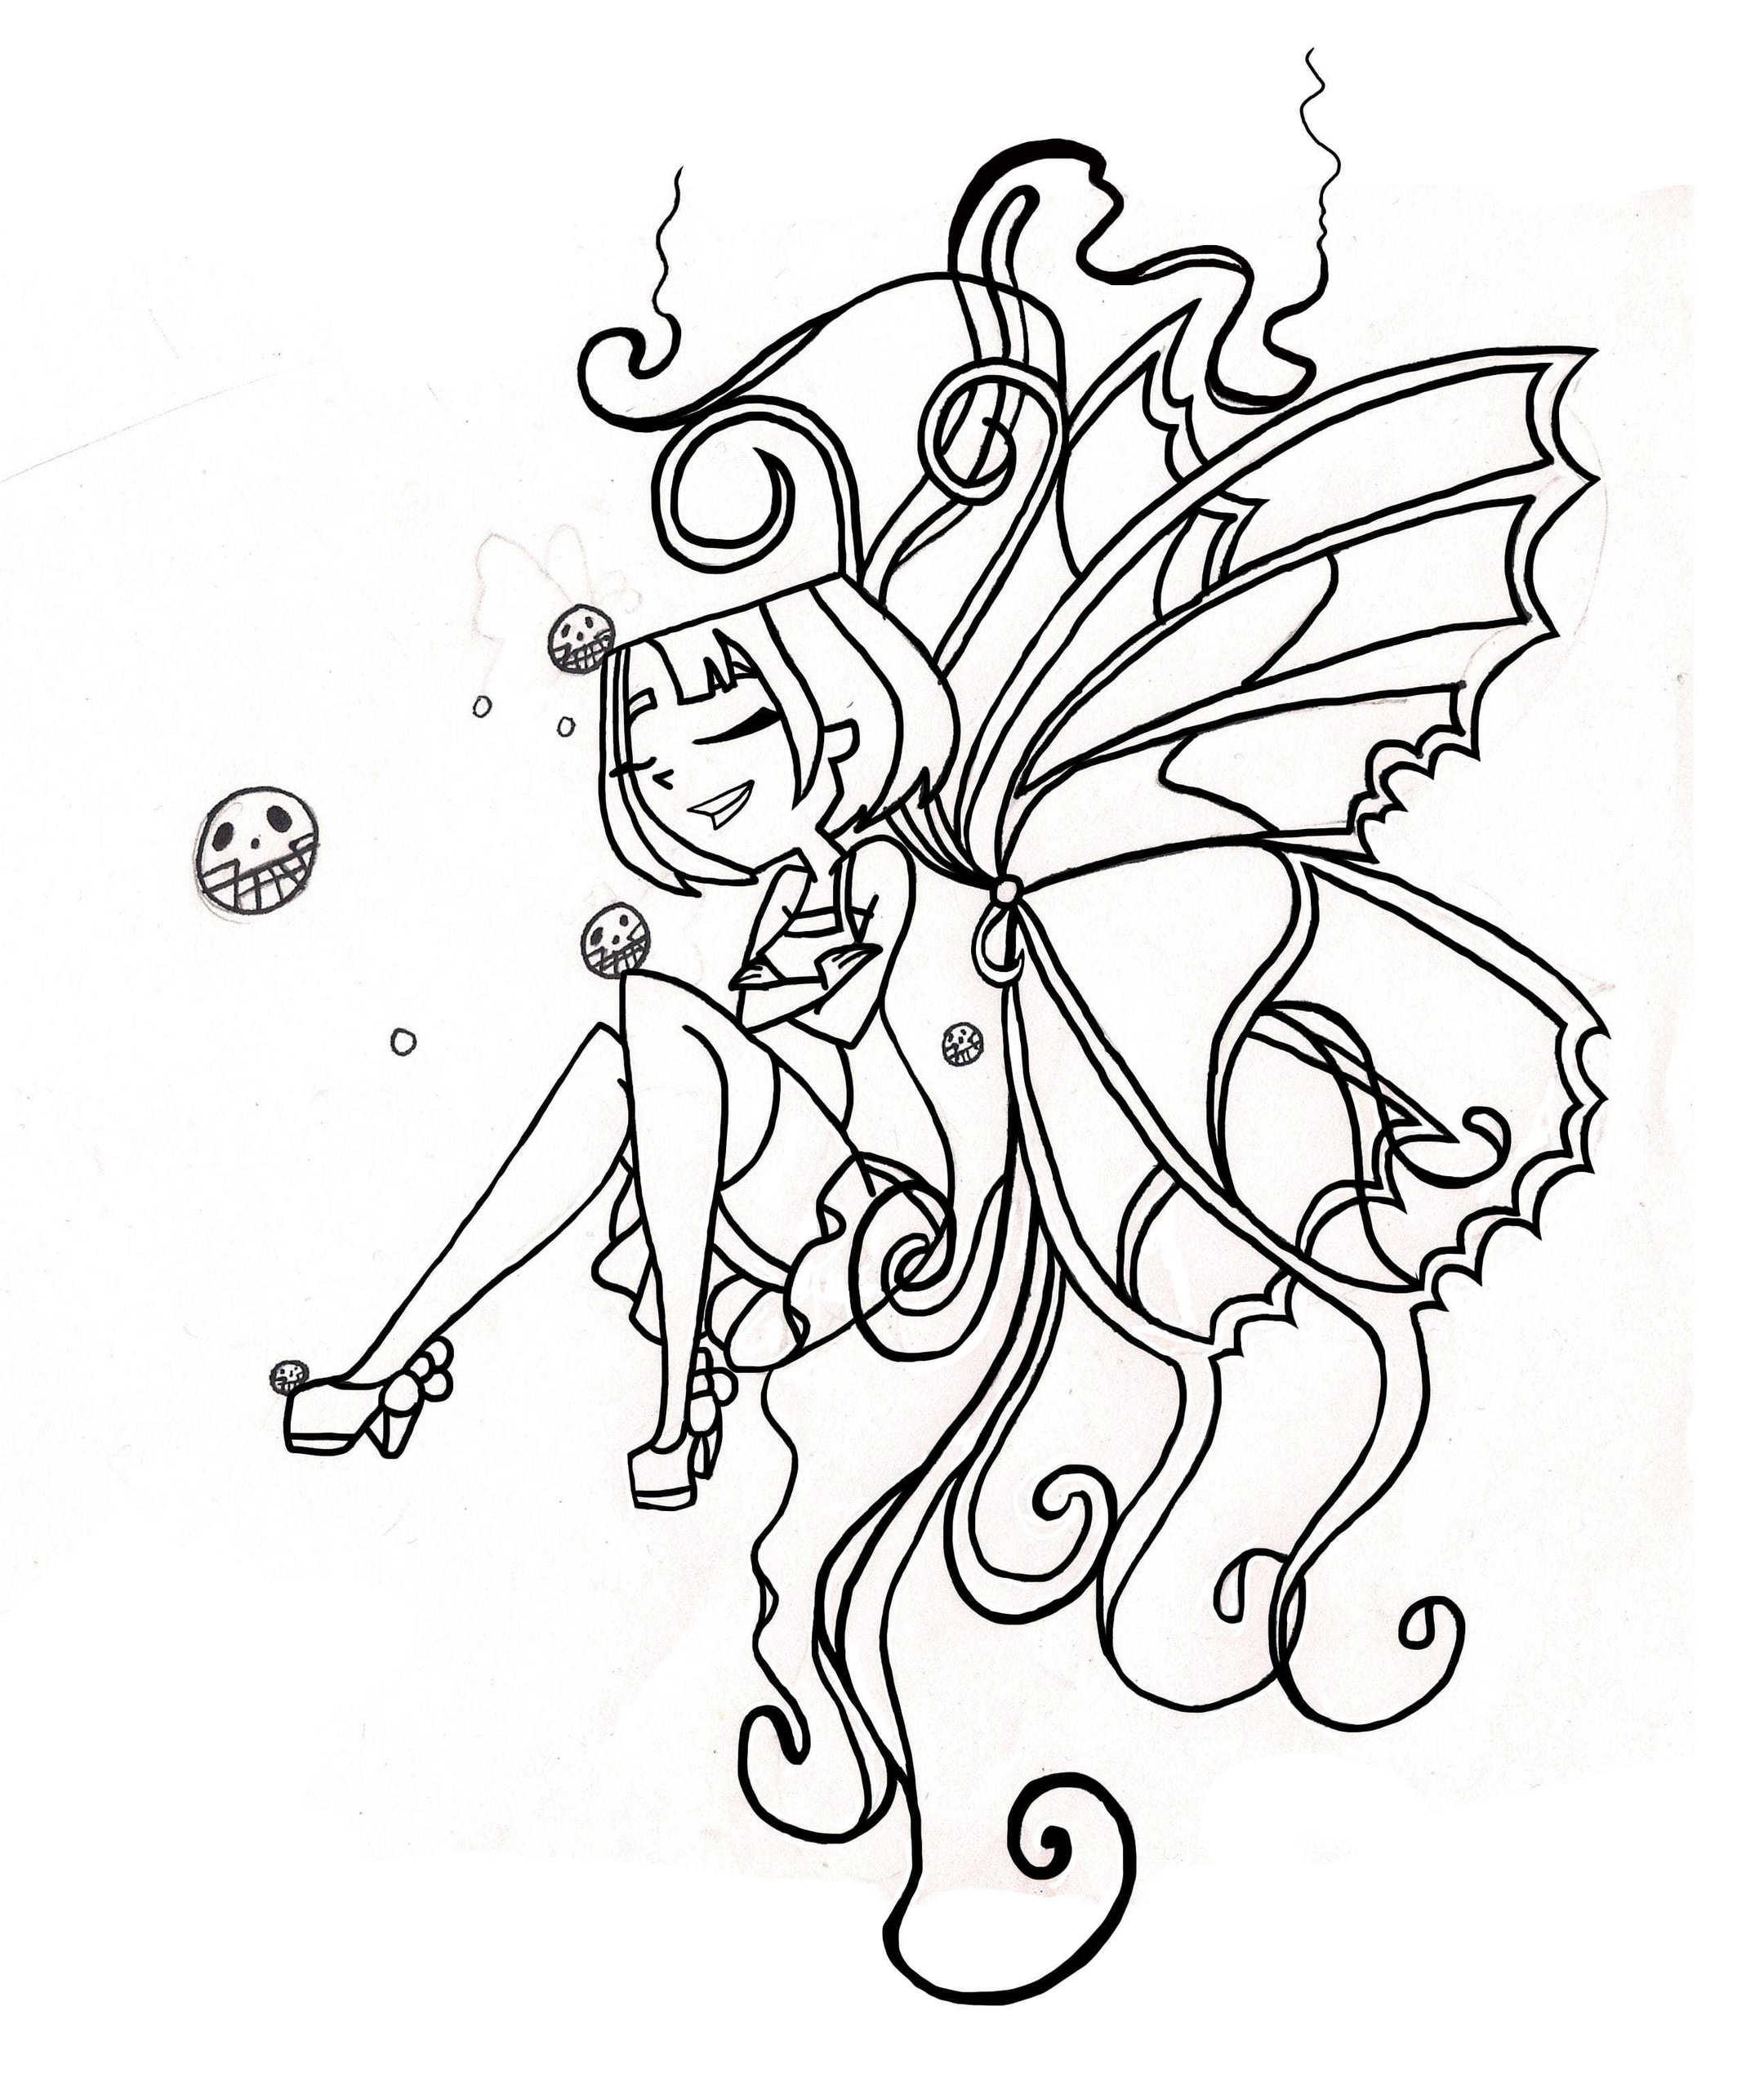 butterfly tattoo outline tdi 39 s gwenxduncan fan art 22799397 fanpop. Black Bedroom Furniture Sets. Home Design Ideas